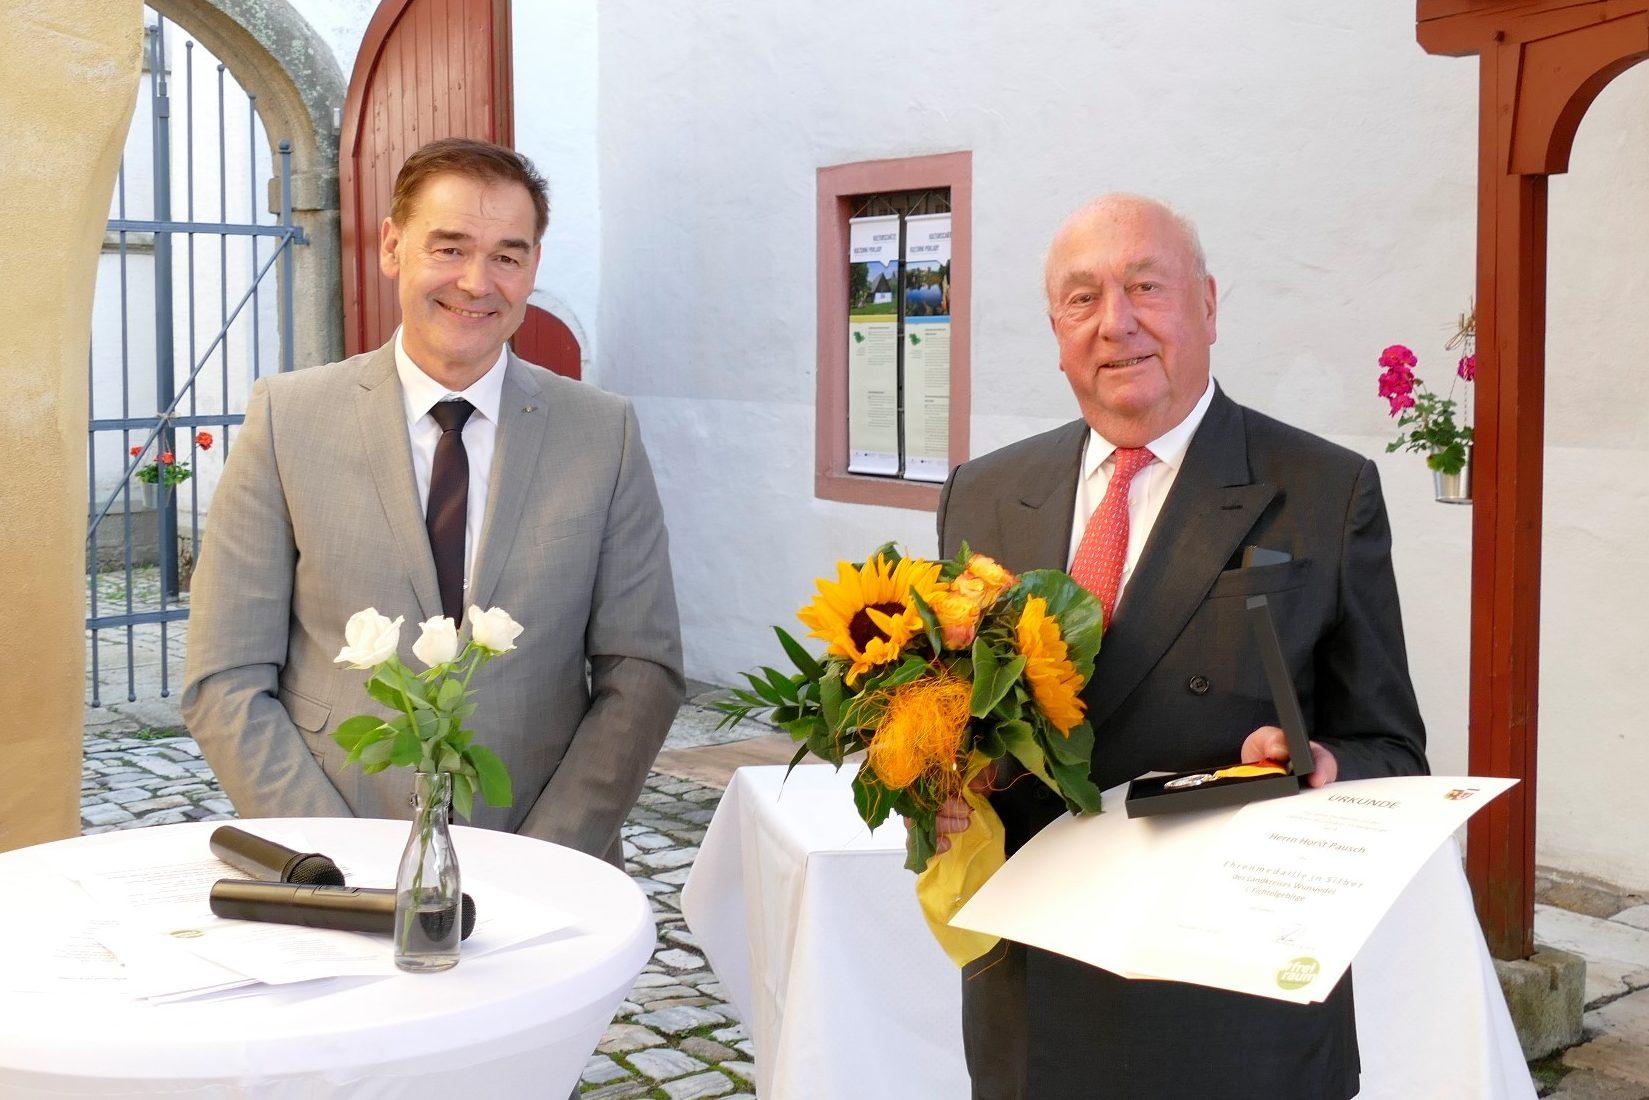 Horst Pausch mit Ehrenmedaille in Silber ausgezeichnet